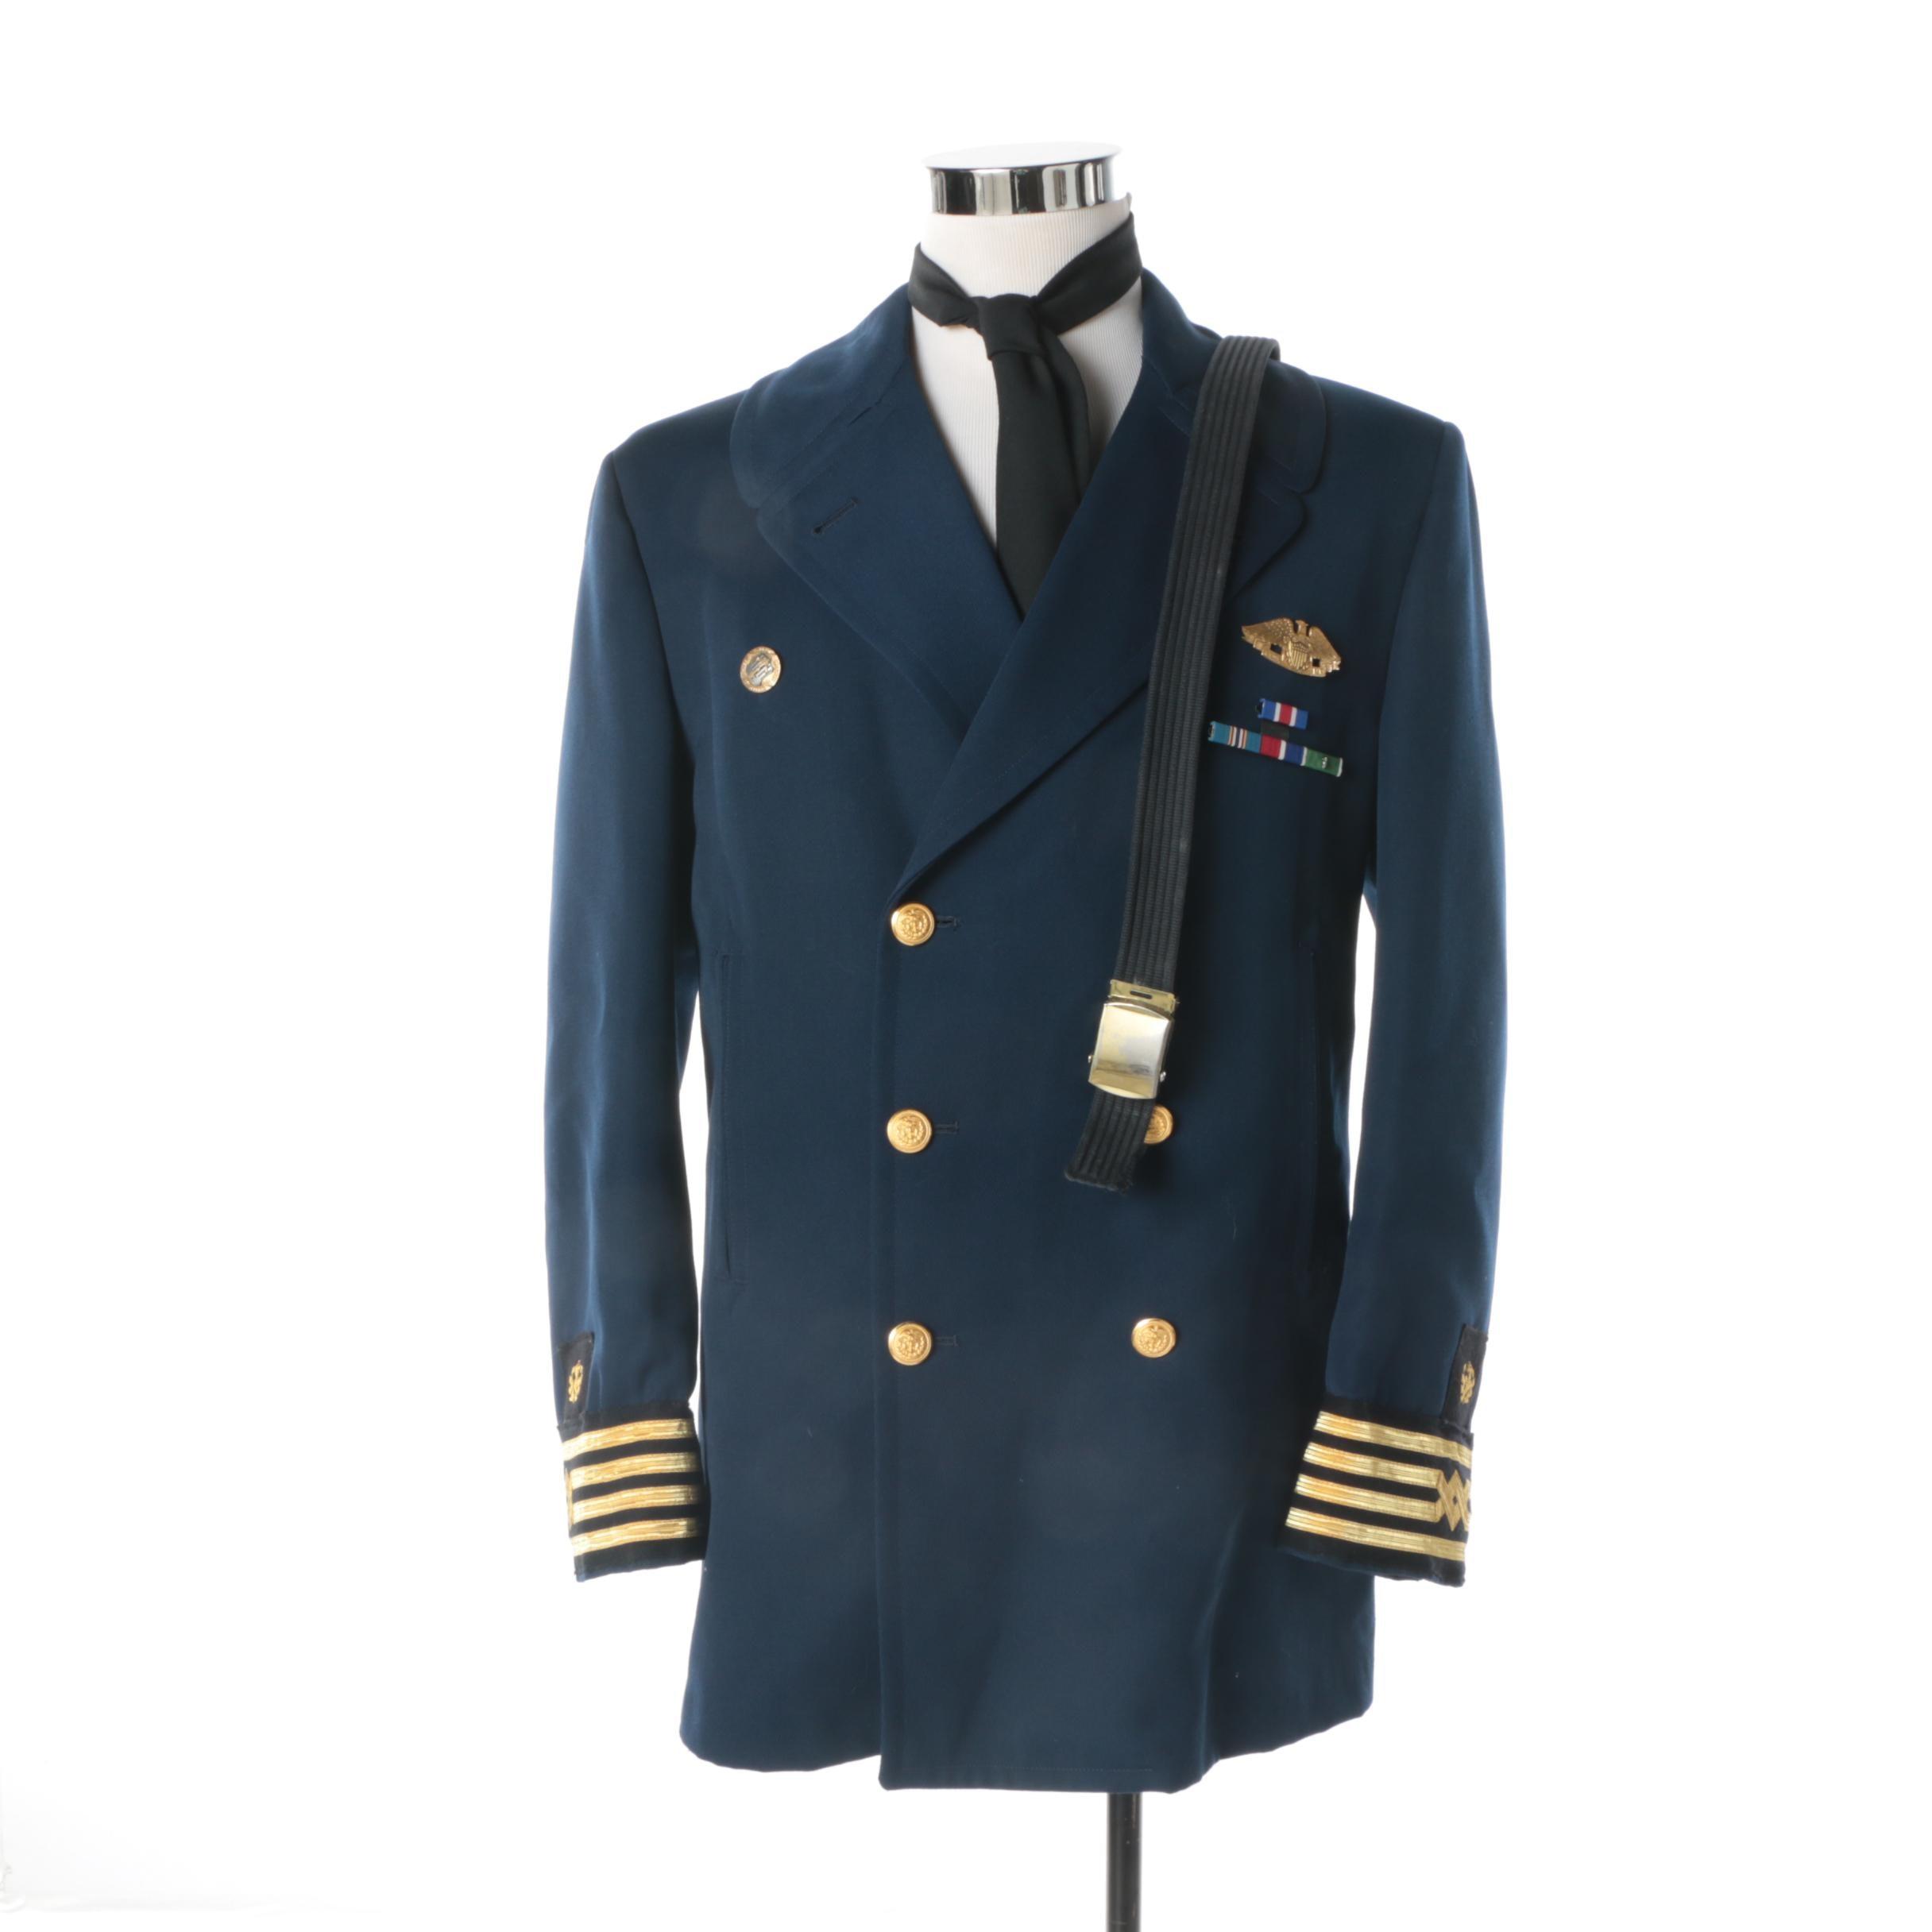 Men's Circa 1970 US Navy Reserve Overcoat, Belt and Tie